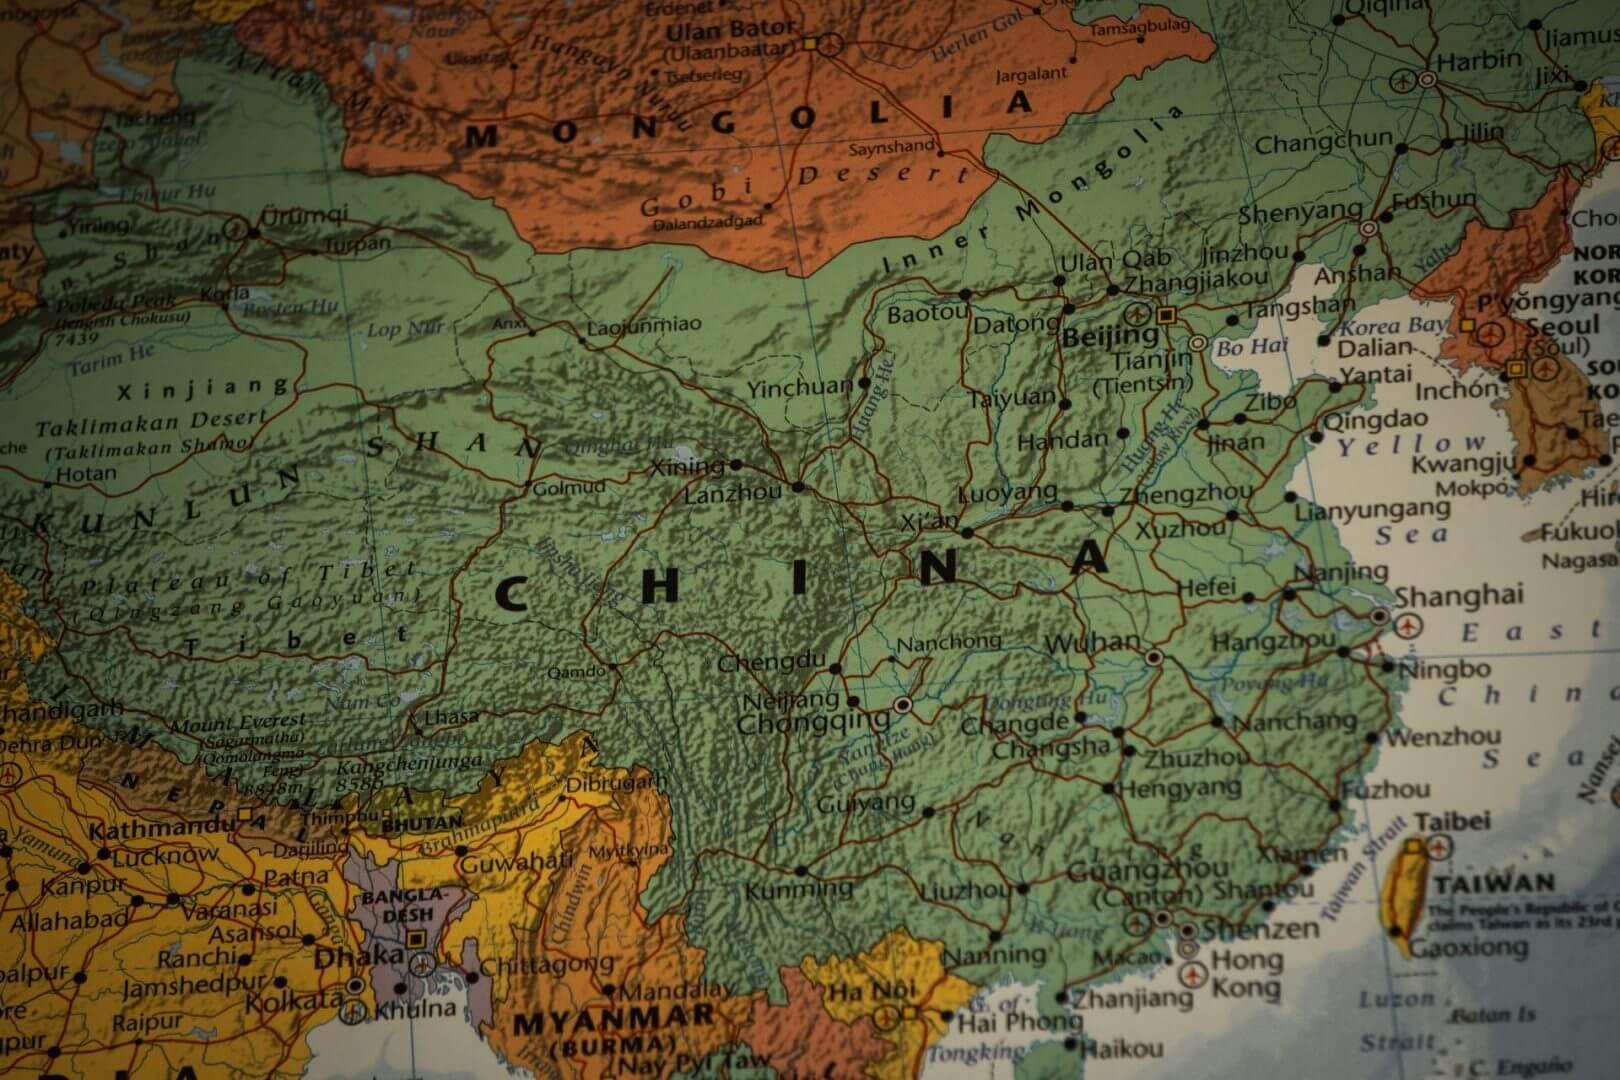 Ubezpieczenie do Chin – jak znaleźć najlepszą ofertę?